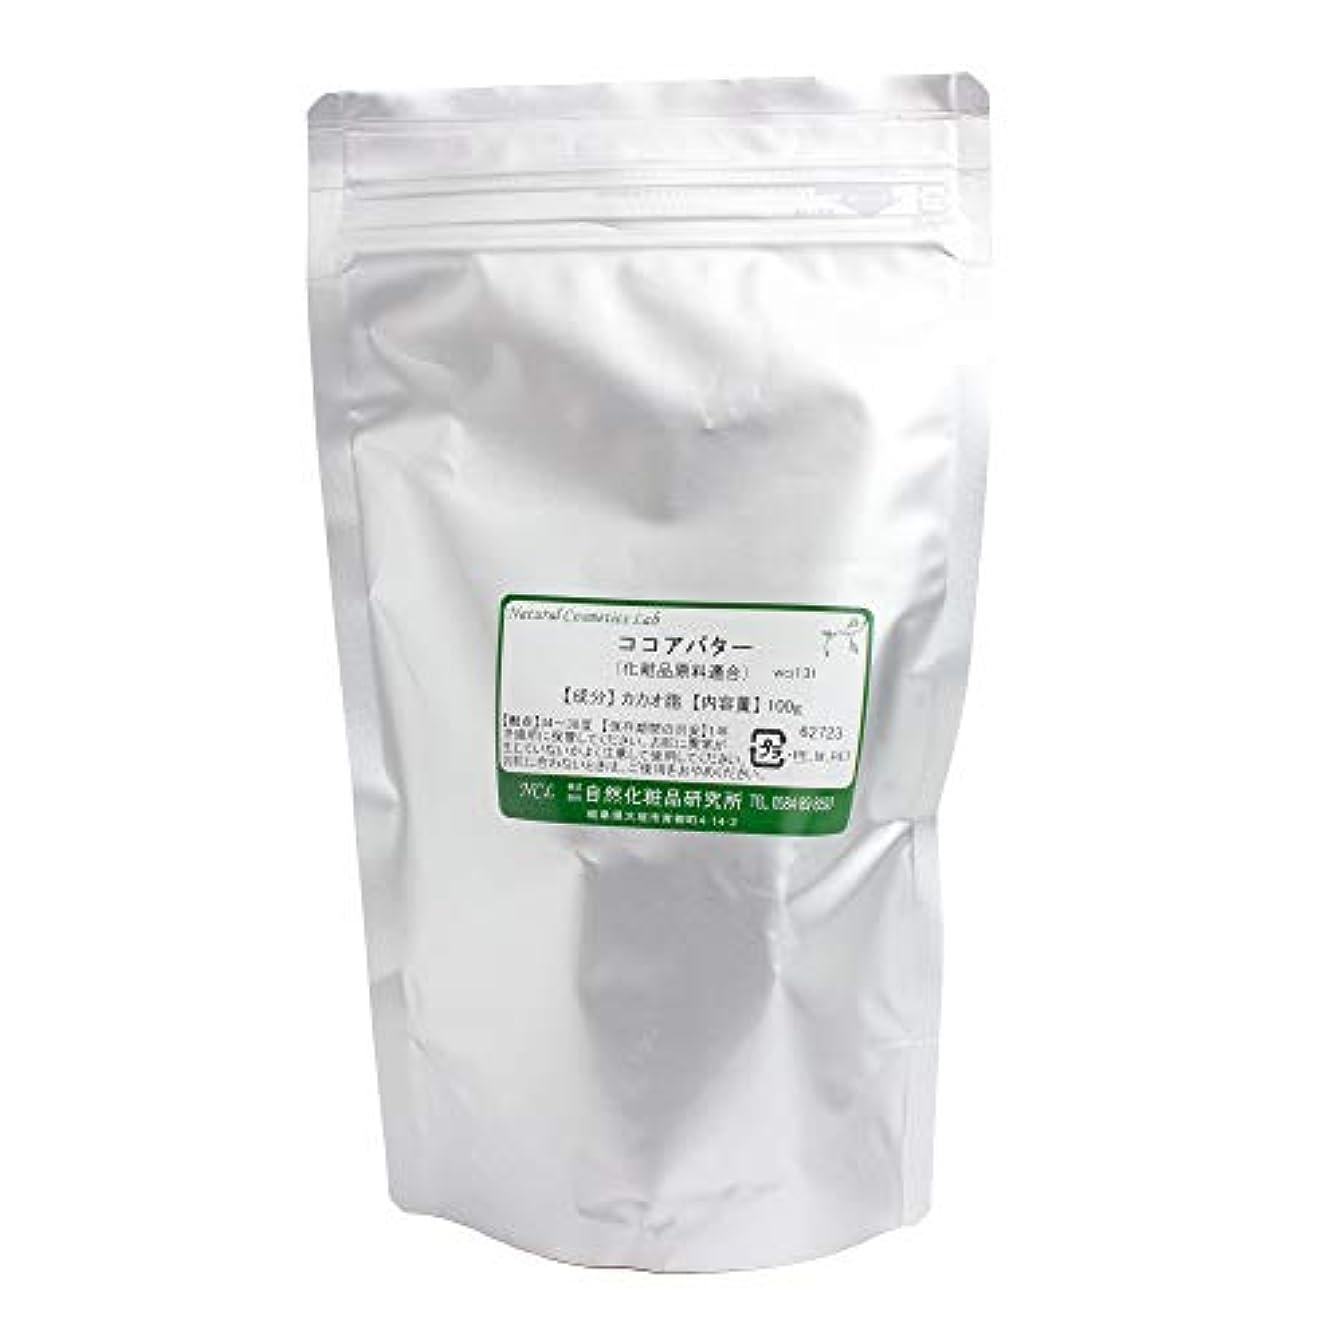 こねるアクション構成するココアバター (カカオバター) 100g